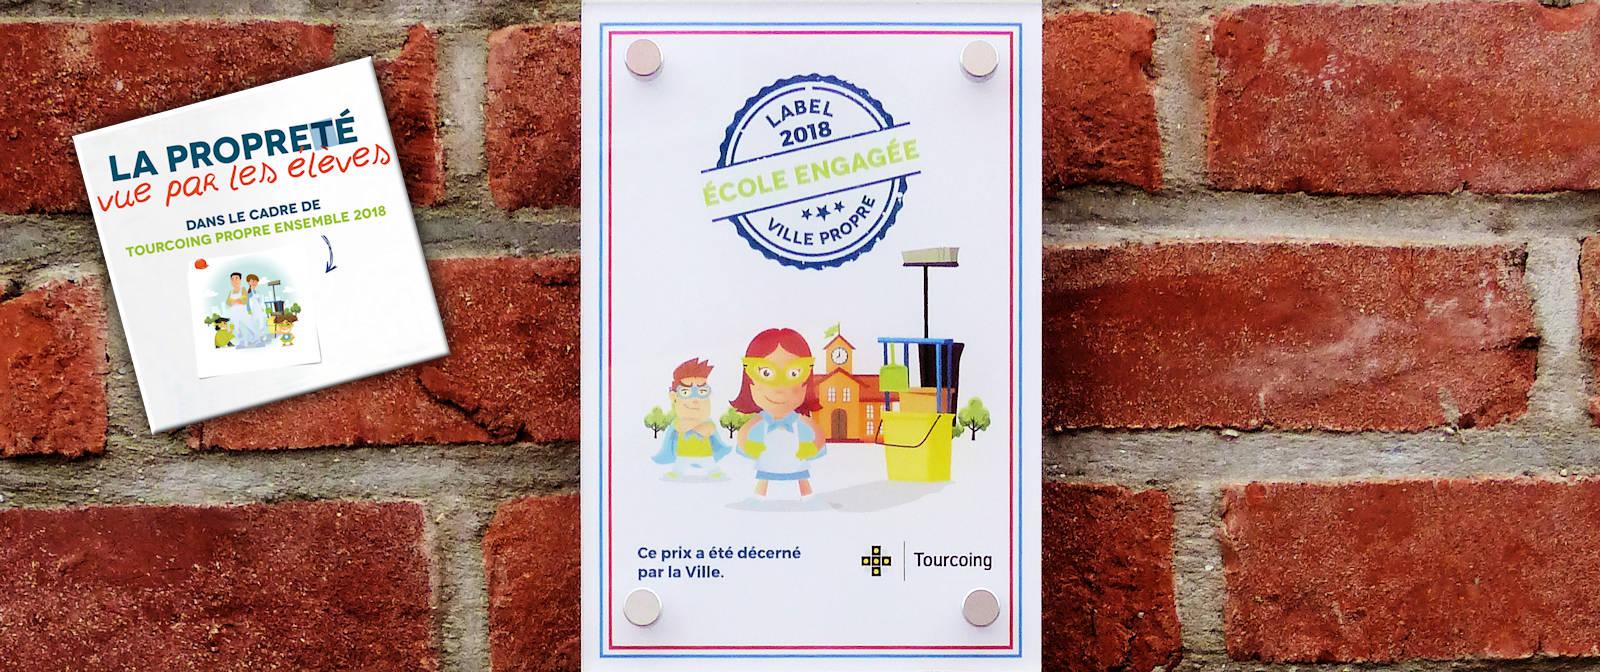 CNDI, Tourcoing - Label 2018 École engagée Propreté